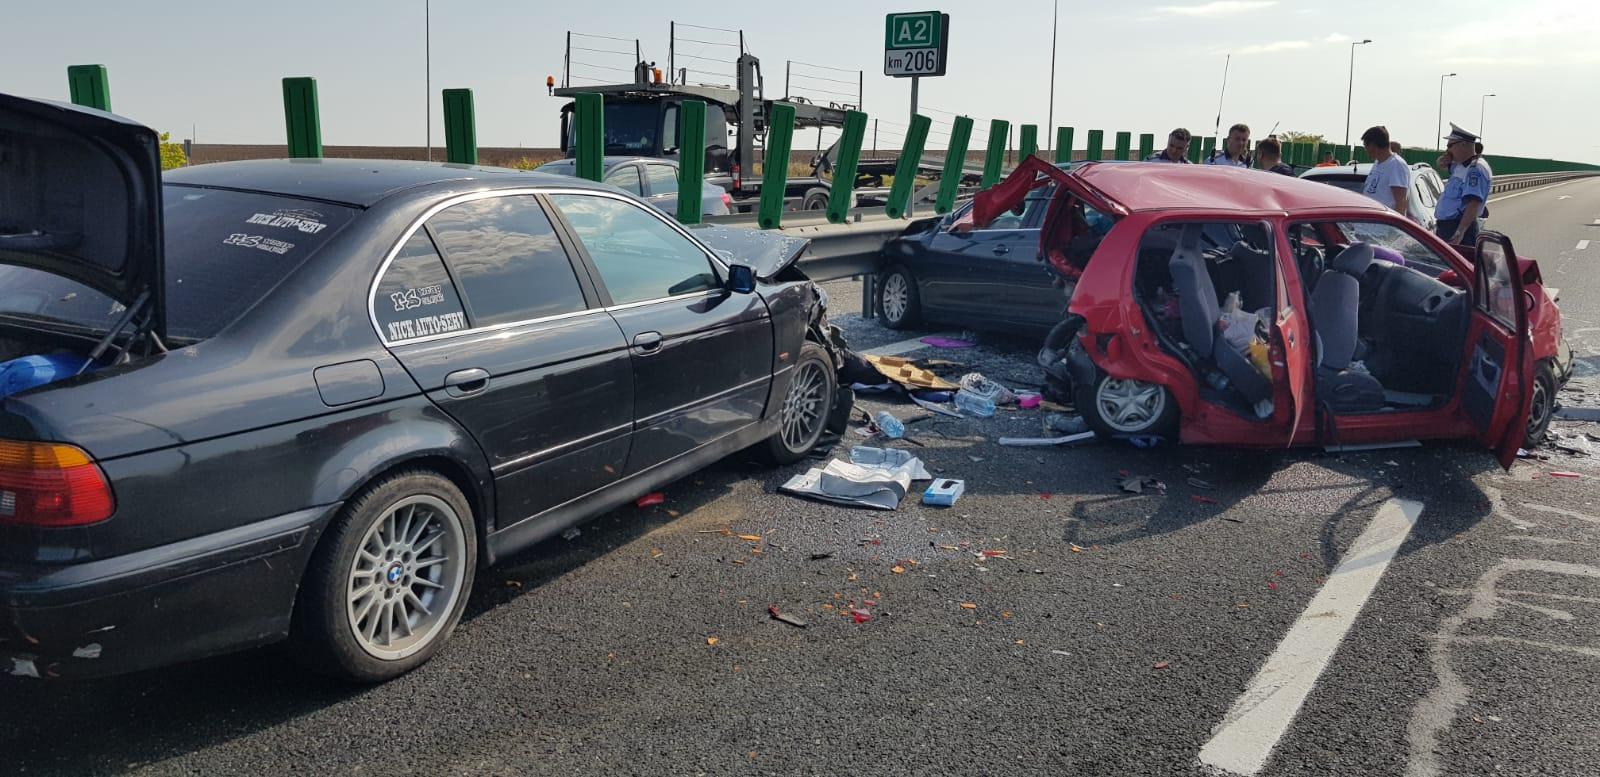 accident autostrada soarelui 22 iulie 2019